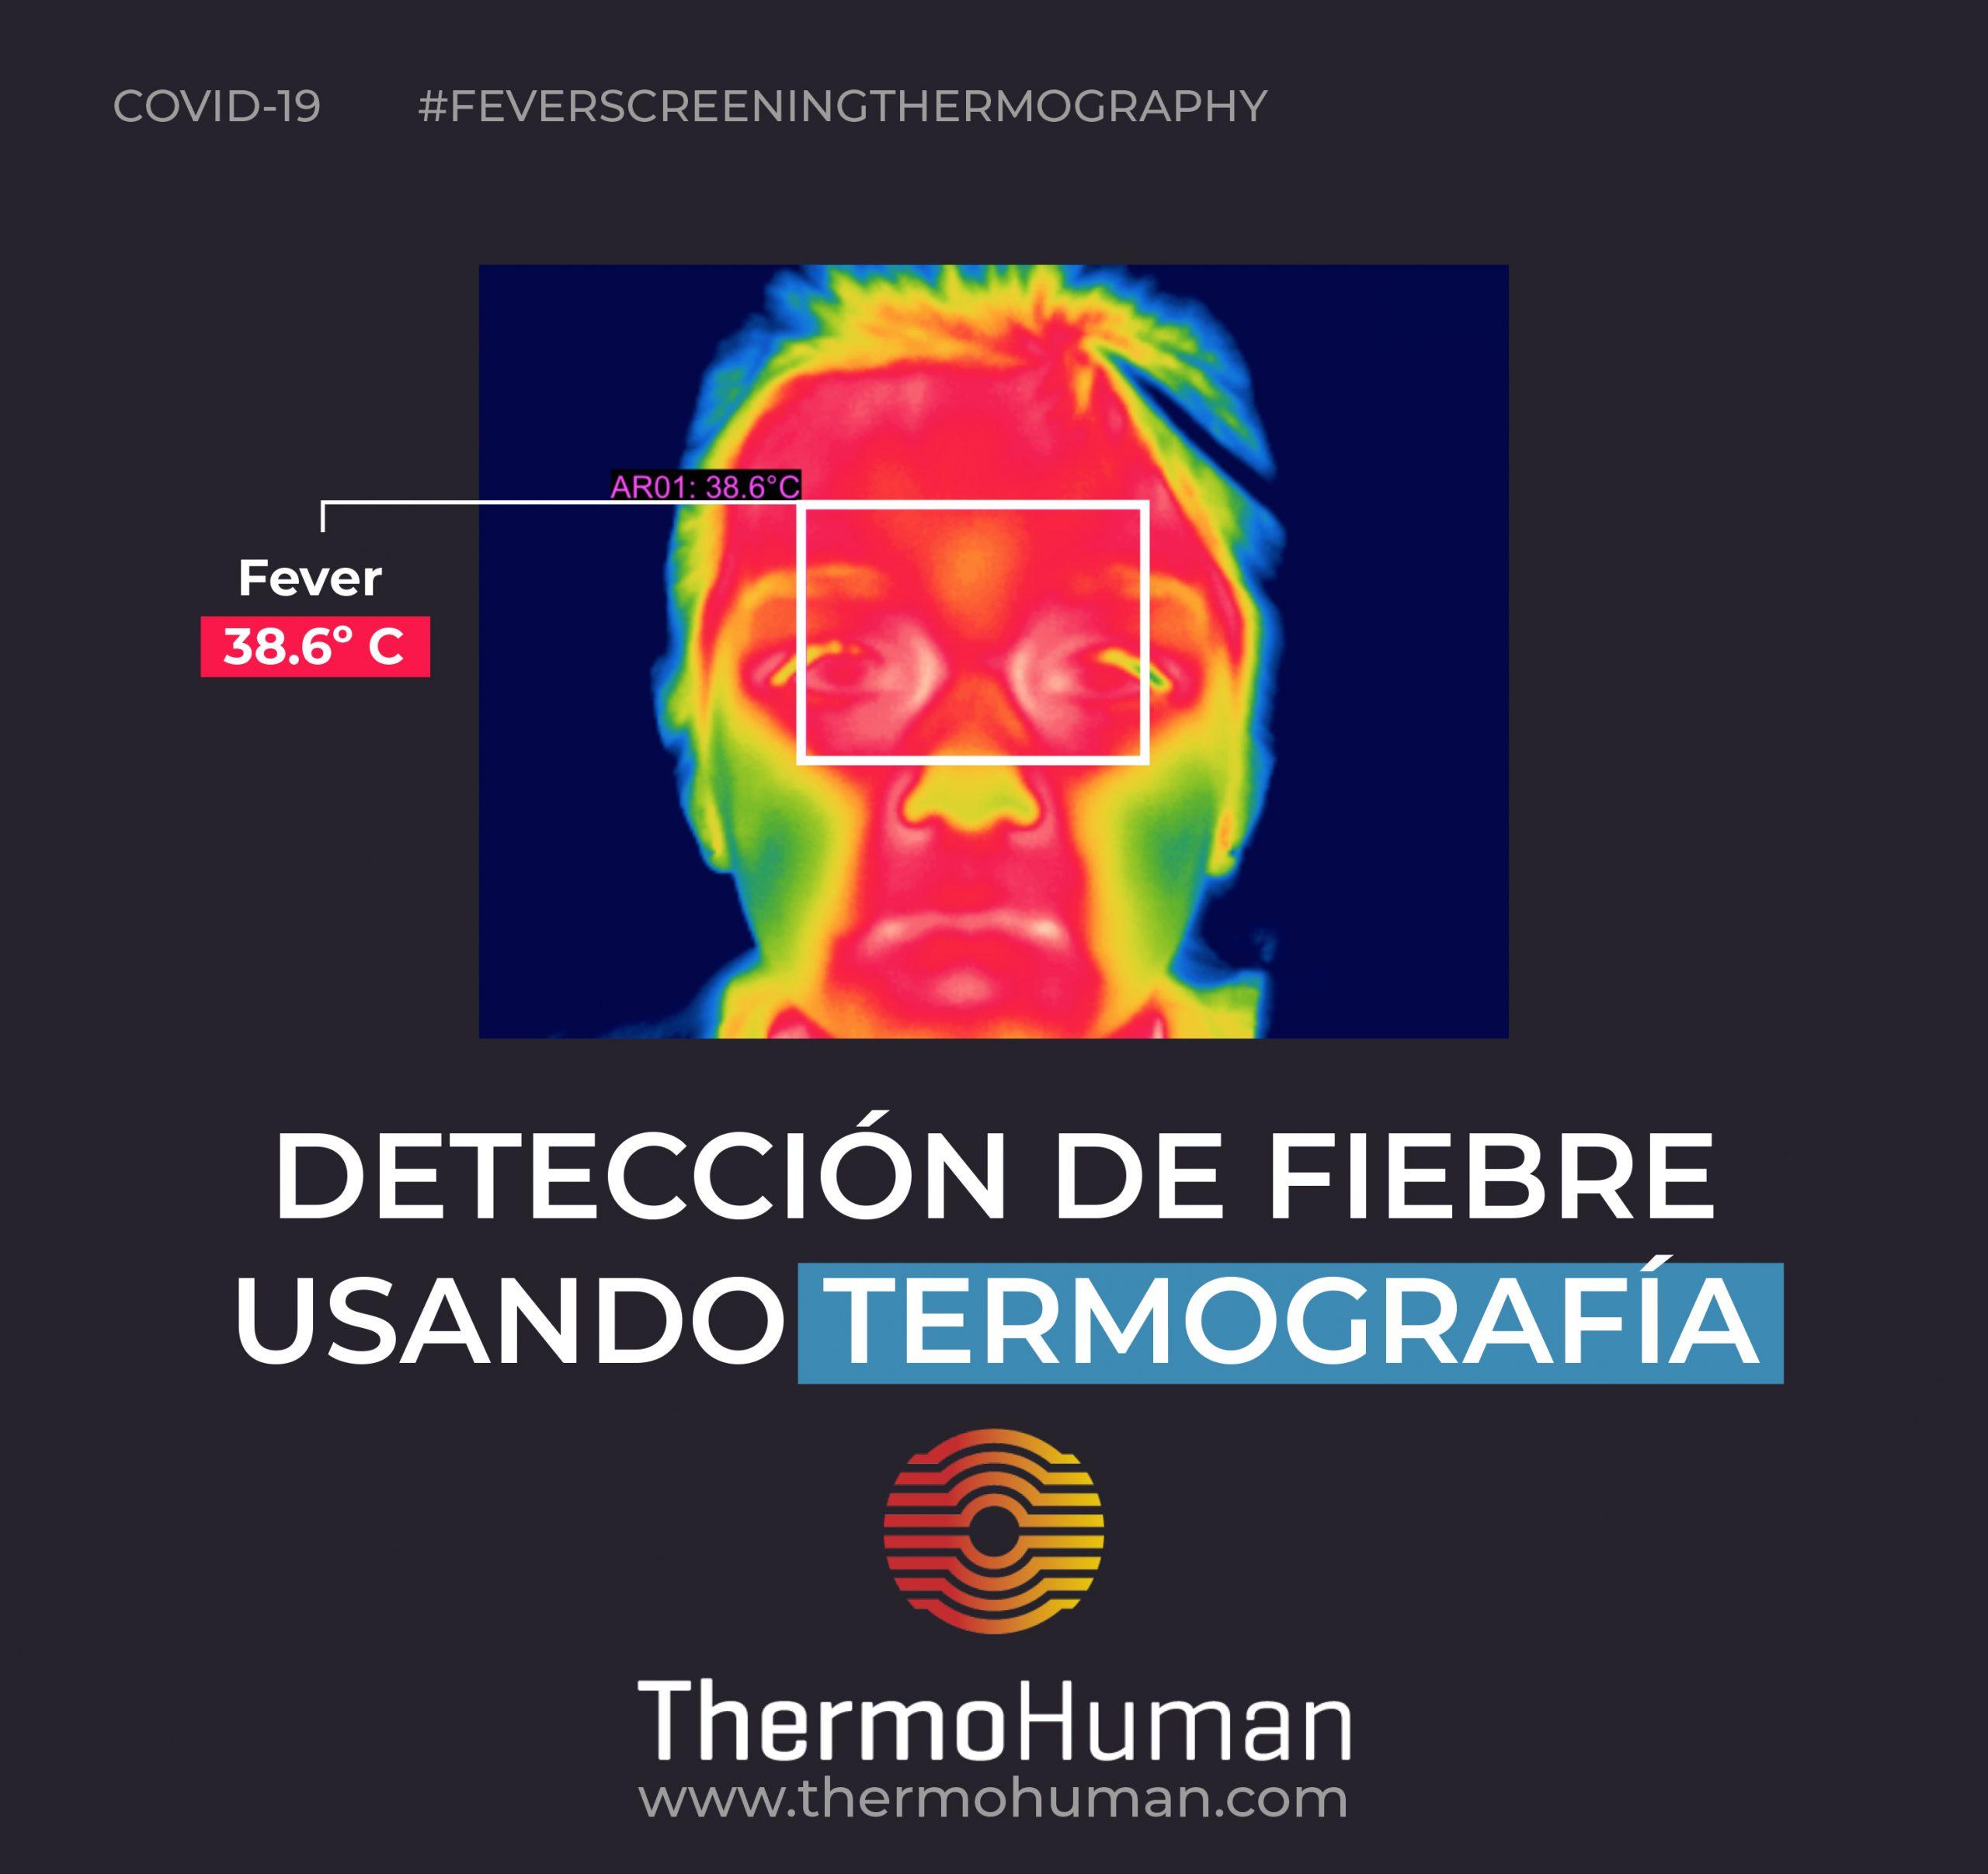 Detección de fiebre usando termografía